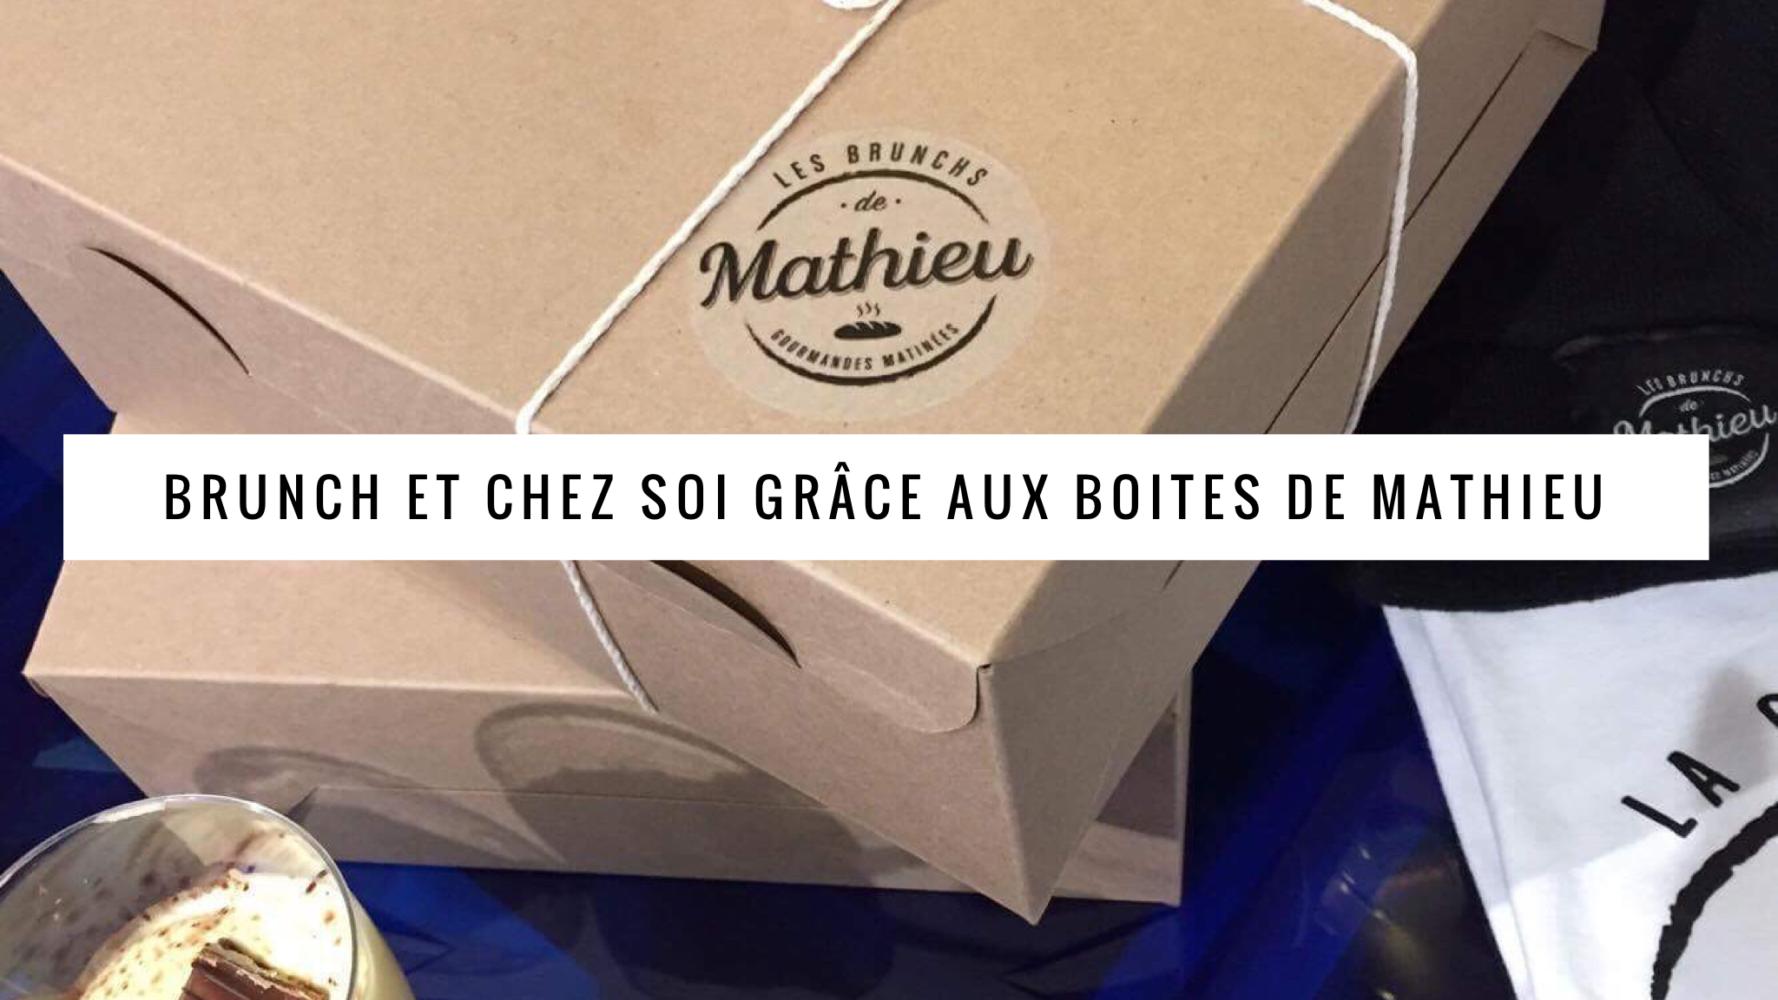 Jen parle des boites à brunch de Mathieu